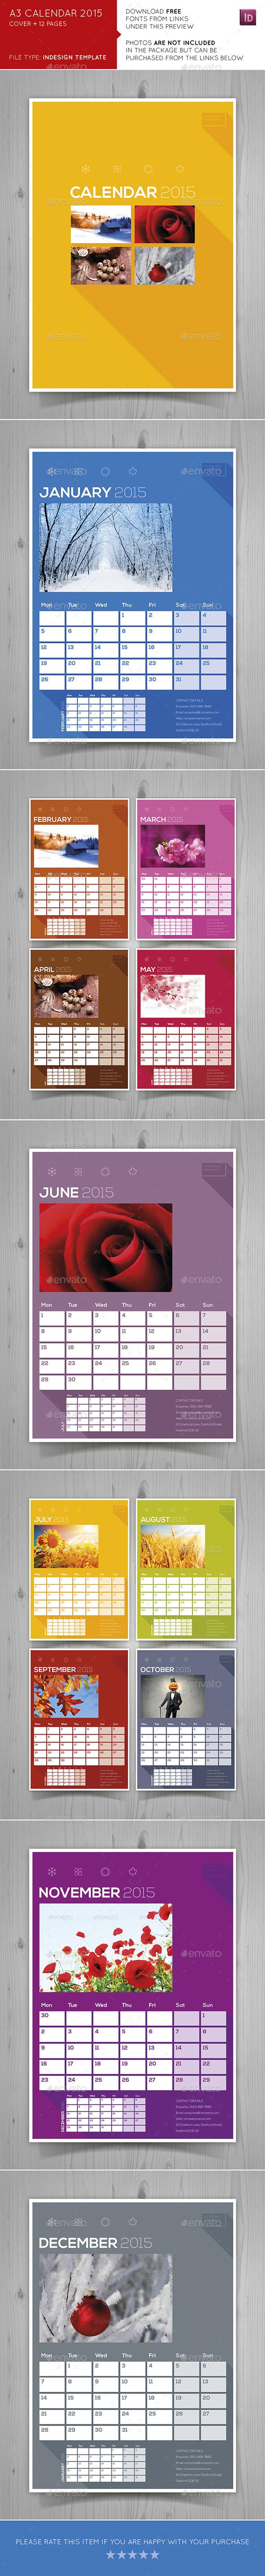 GraphicRiver A3 Calendar 2015 9692907